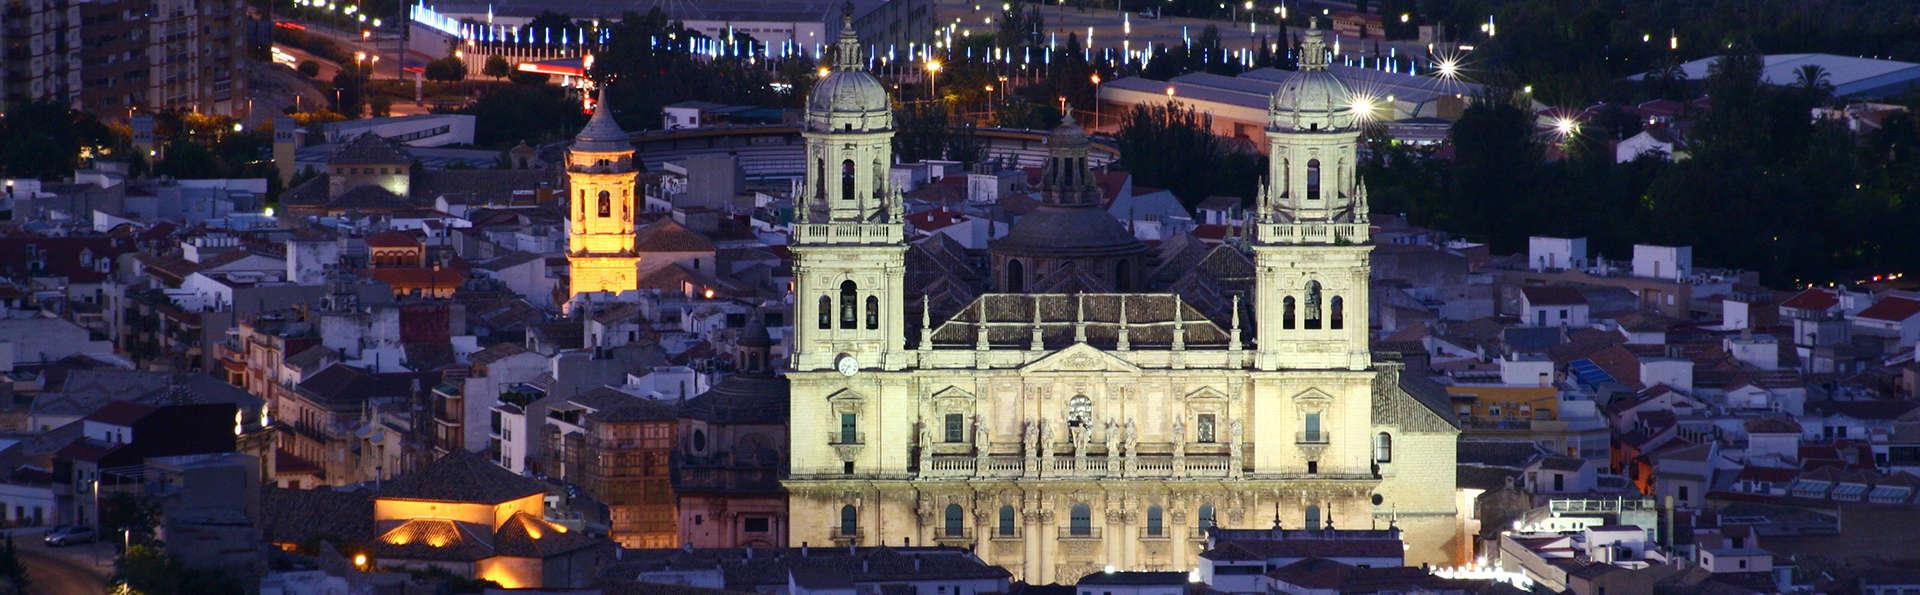 HO Ciudad de Jaén - EDIT_destination.jpg